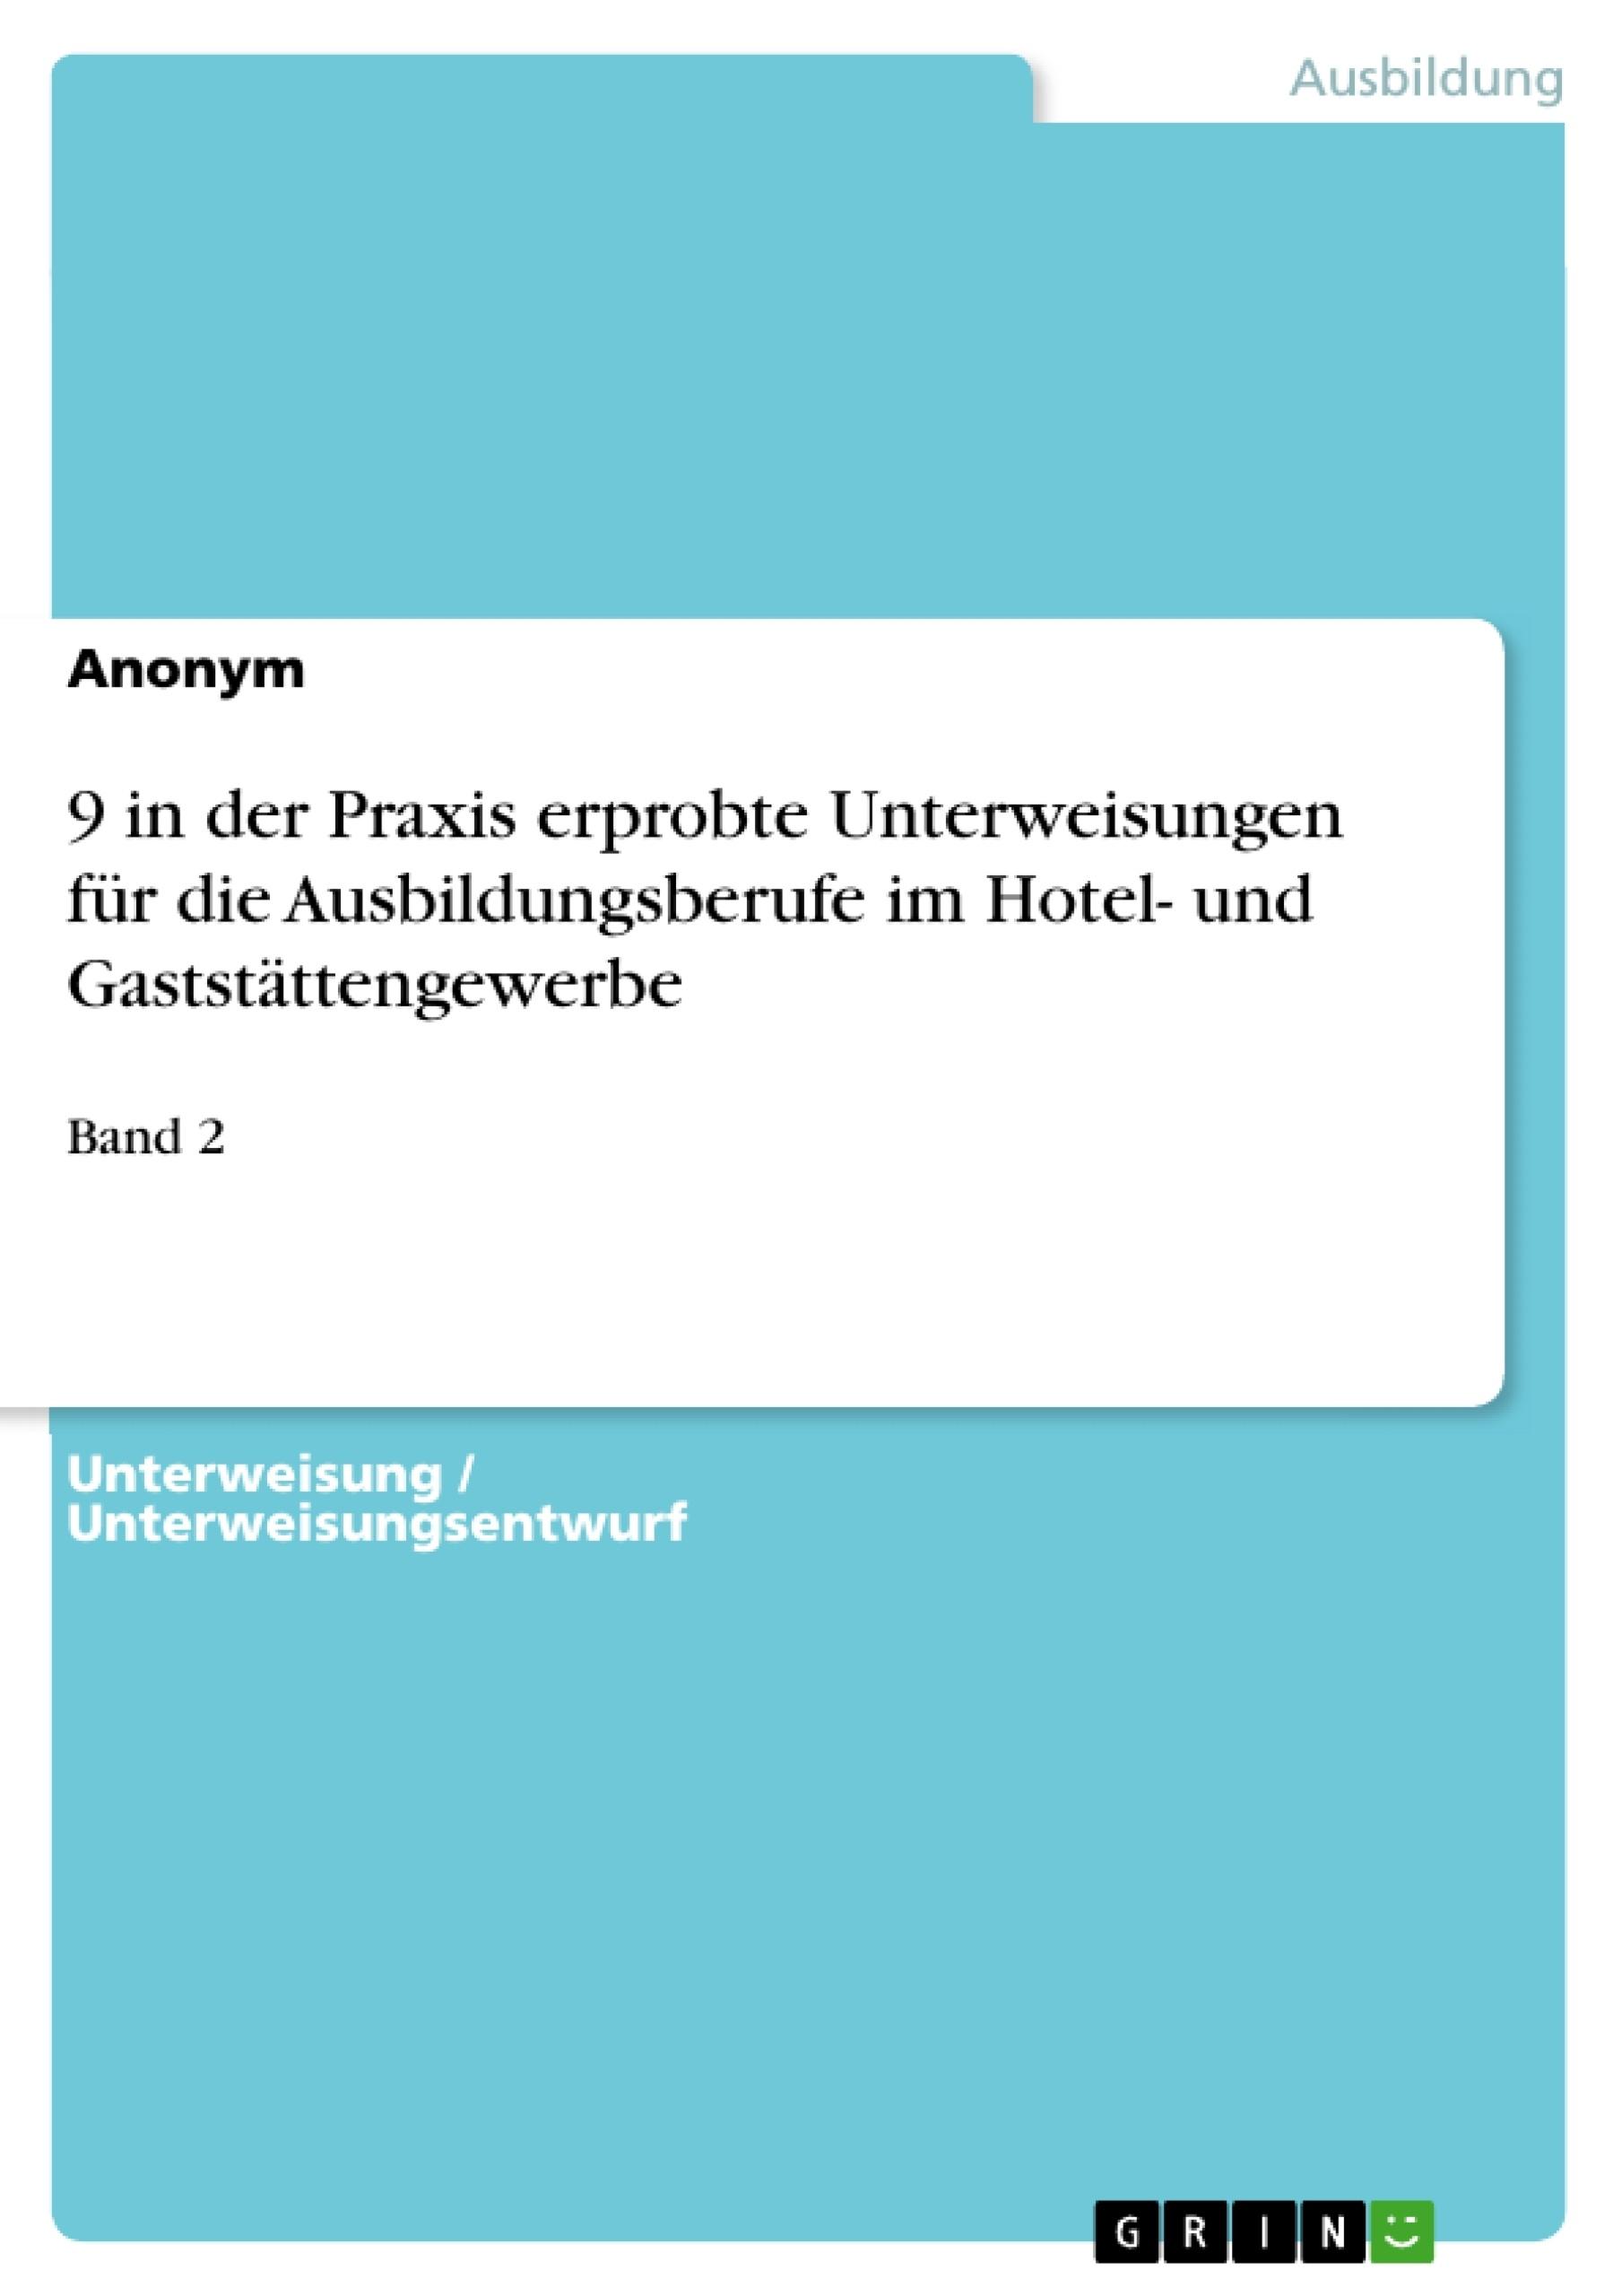 Titel: 9 in der Praxis erprobte Unterweisungen für die Ausbildungsberufe im Hotel- und Gaststättengewerbe